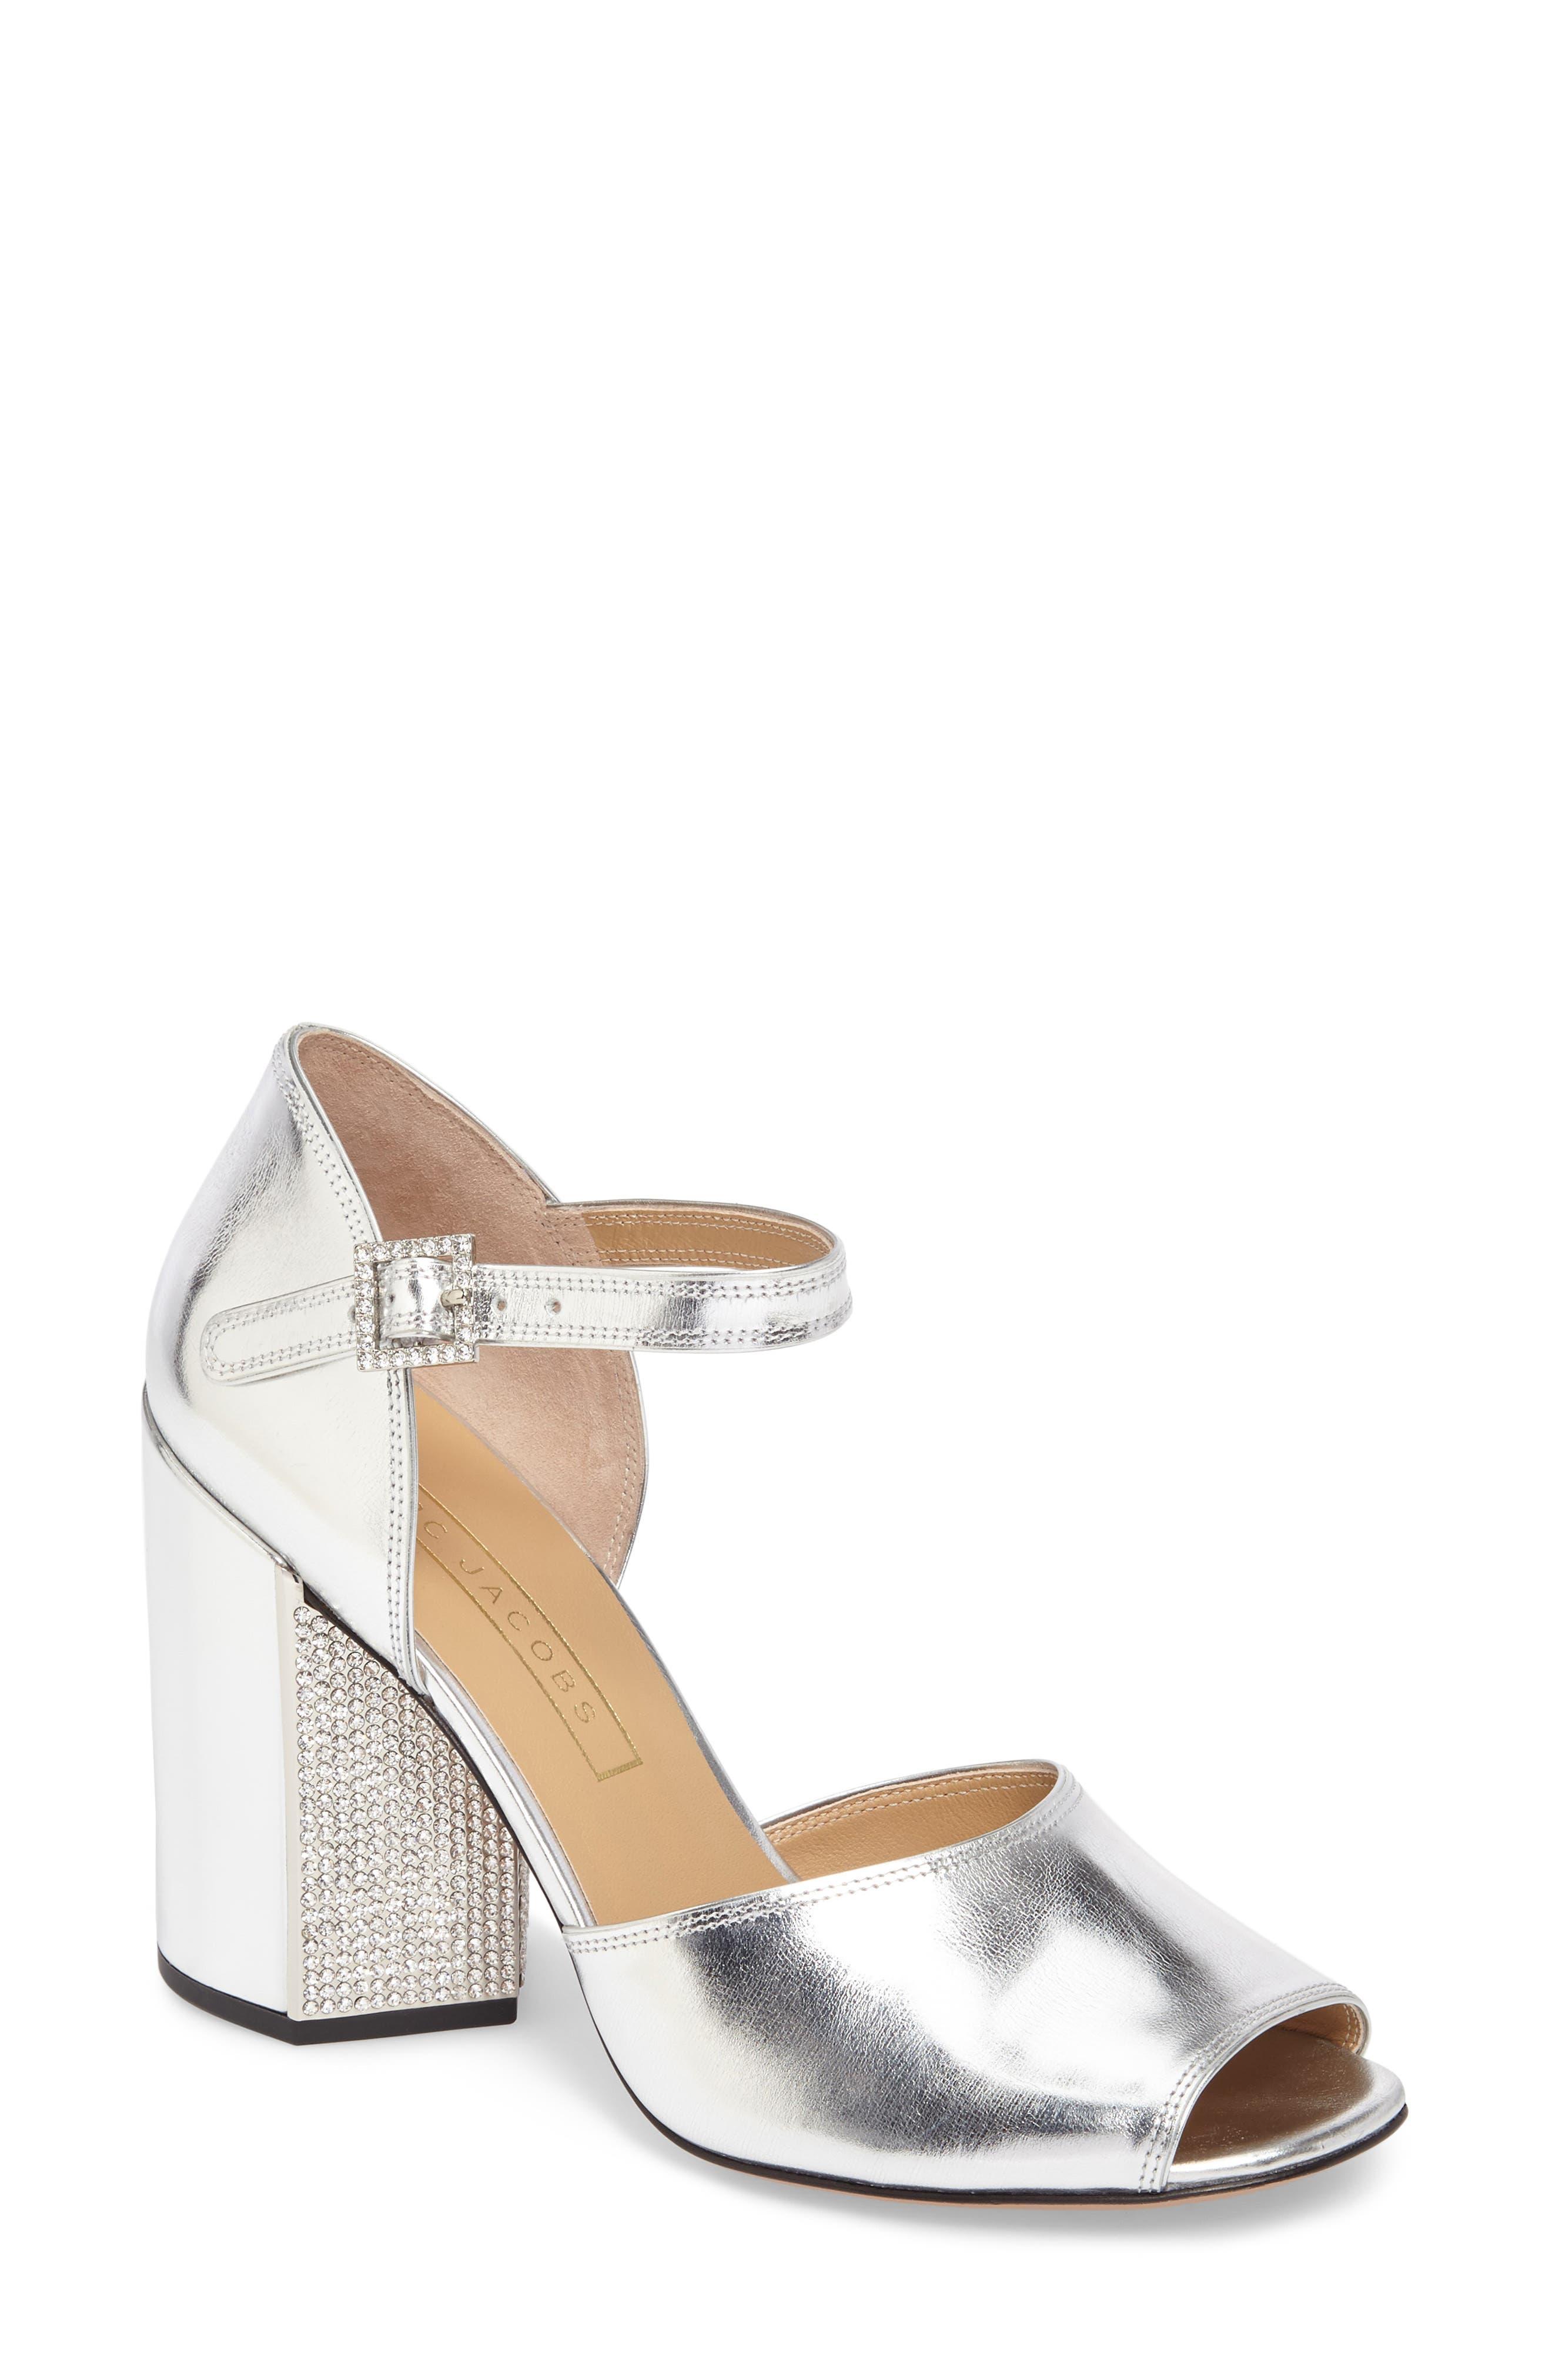 MARC JACOBS Kasia Embellished Ankle Strap Sandal (Women)